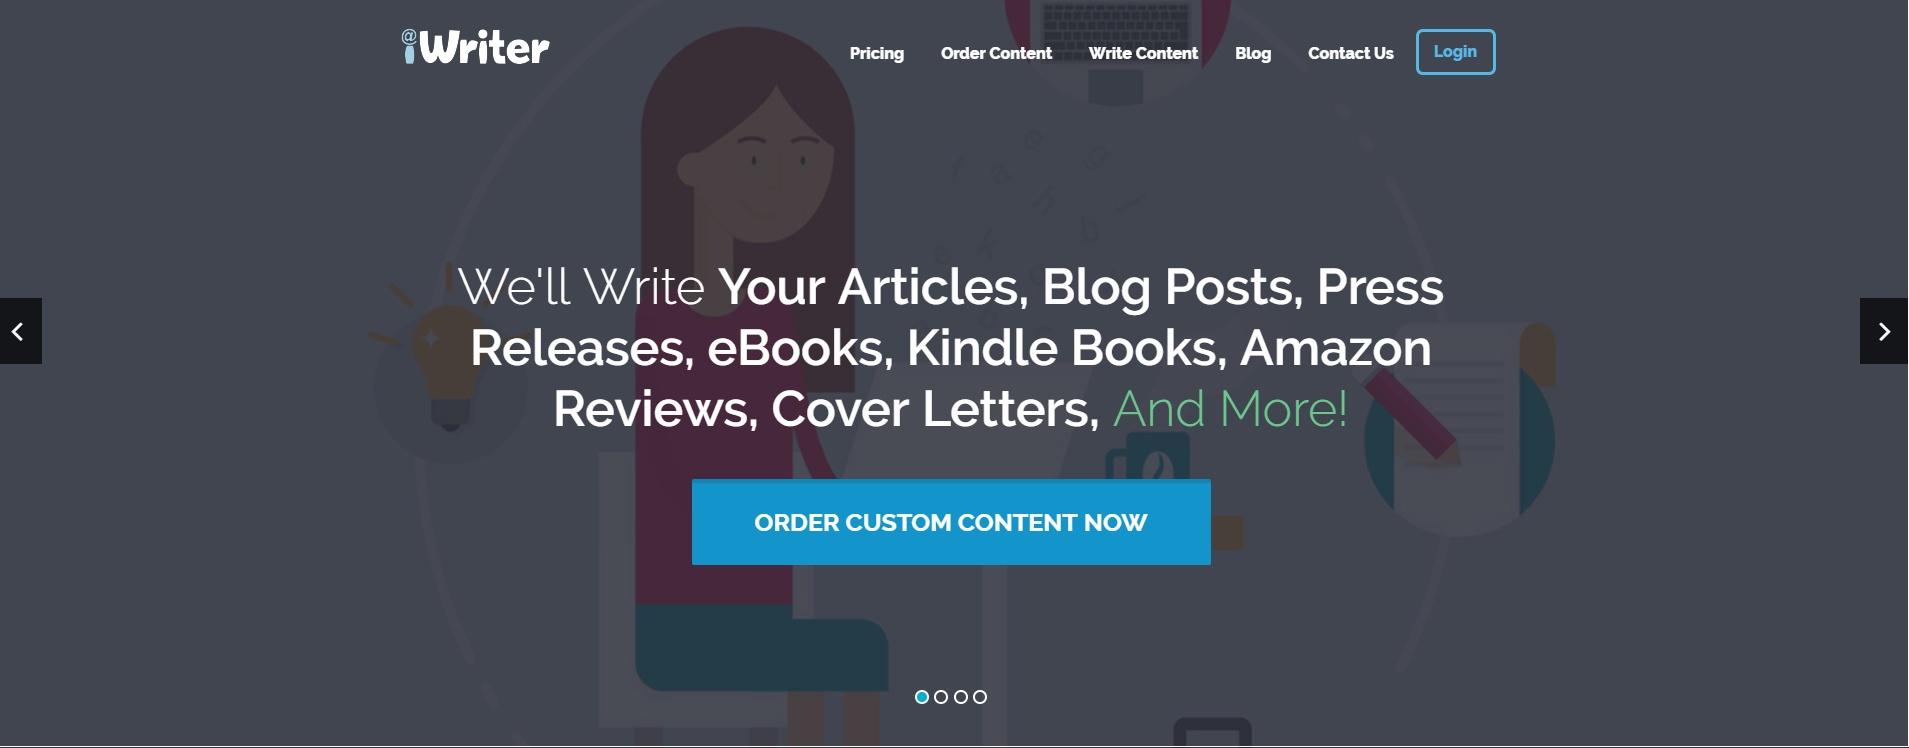 iwriter order custom content